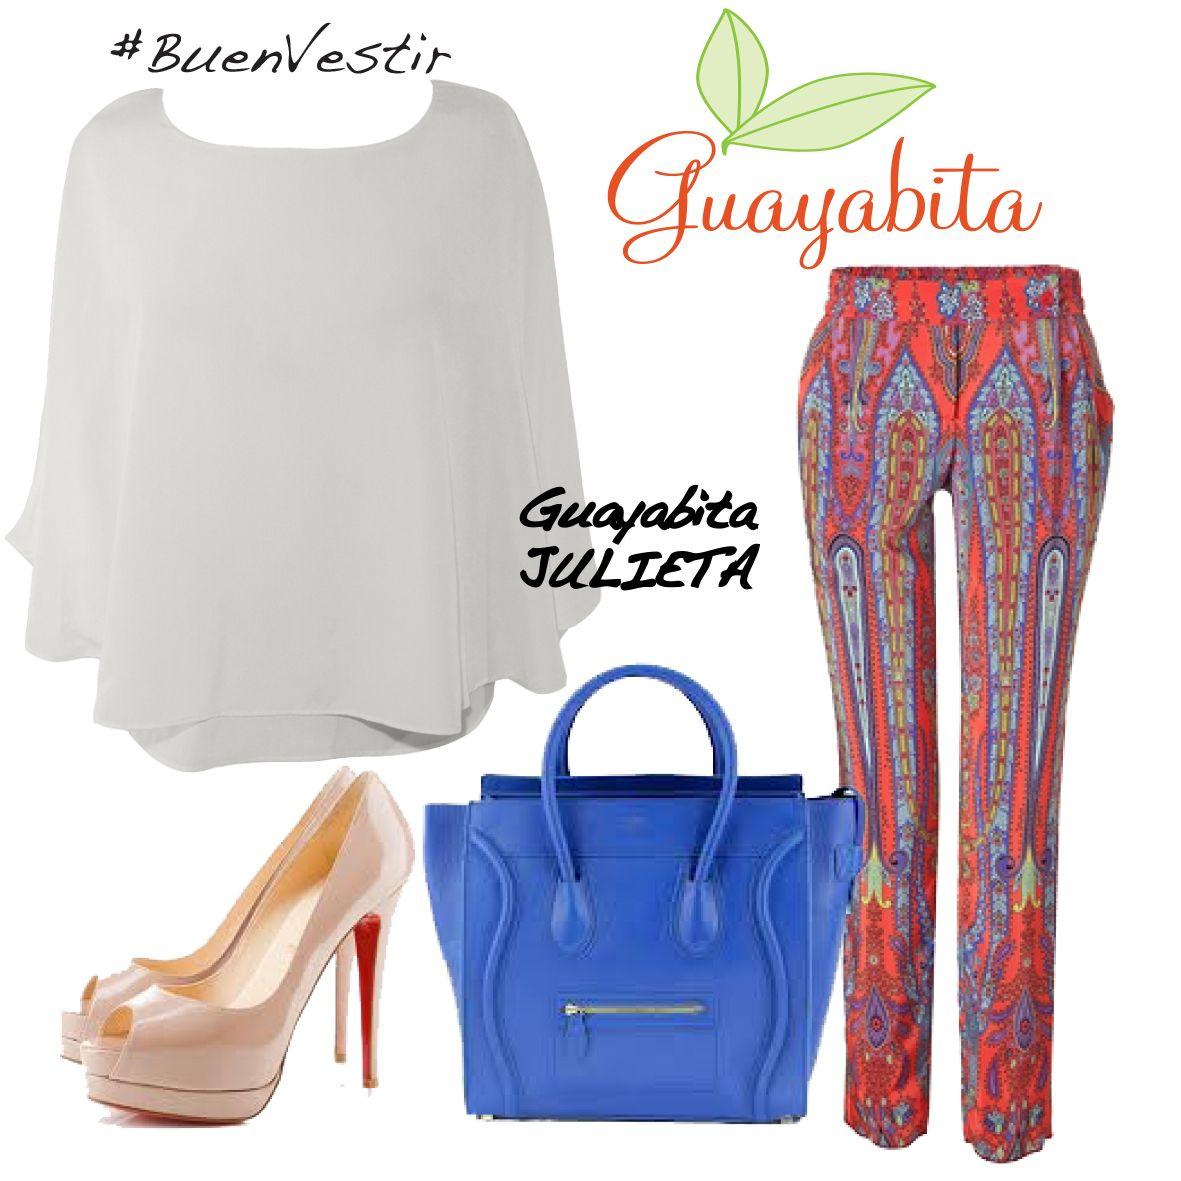 BuenVestir con nuestra camisa JULIETA!! Disponible en www.guayabita.com